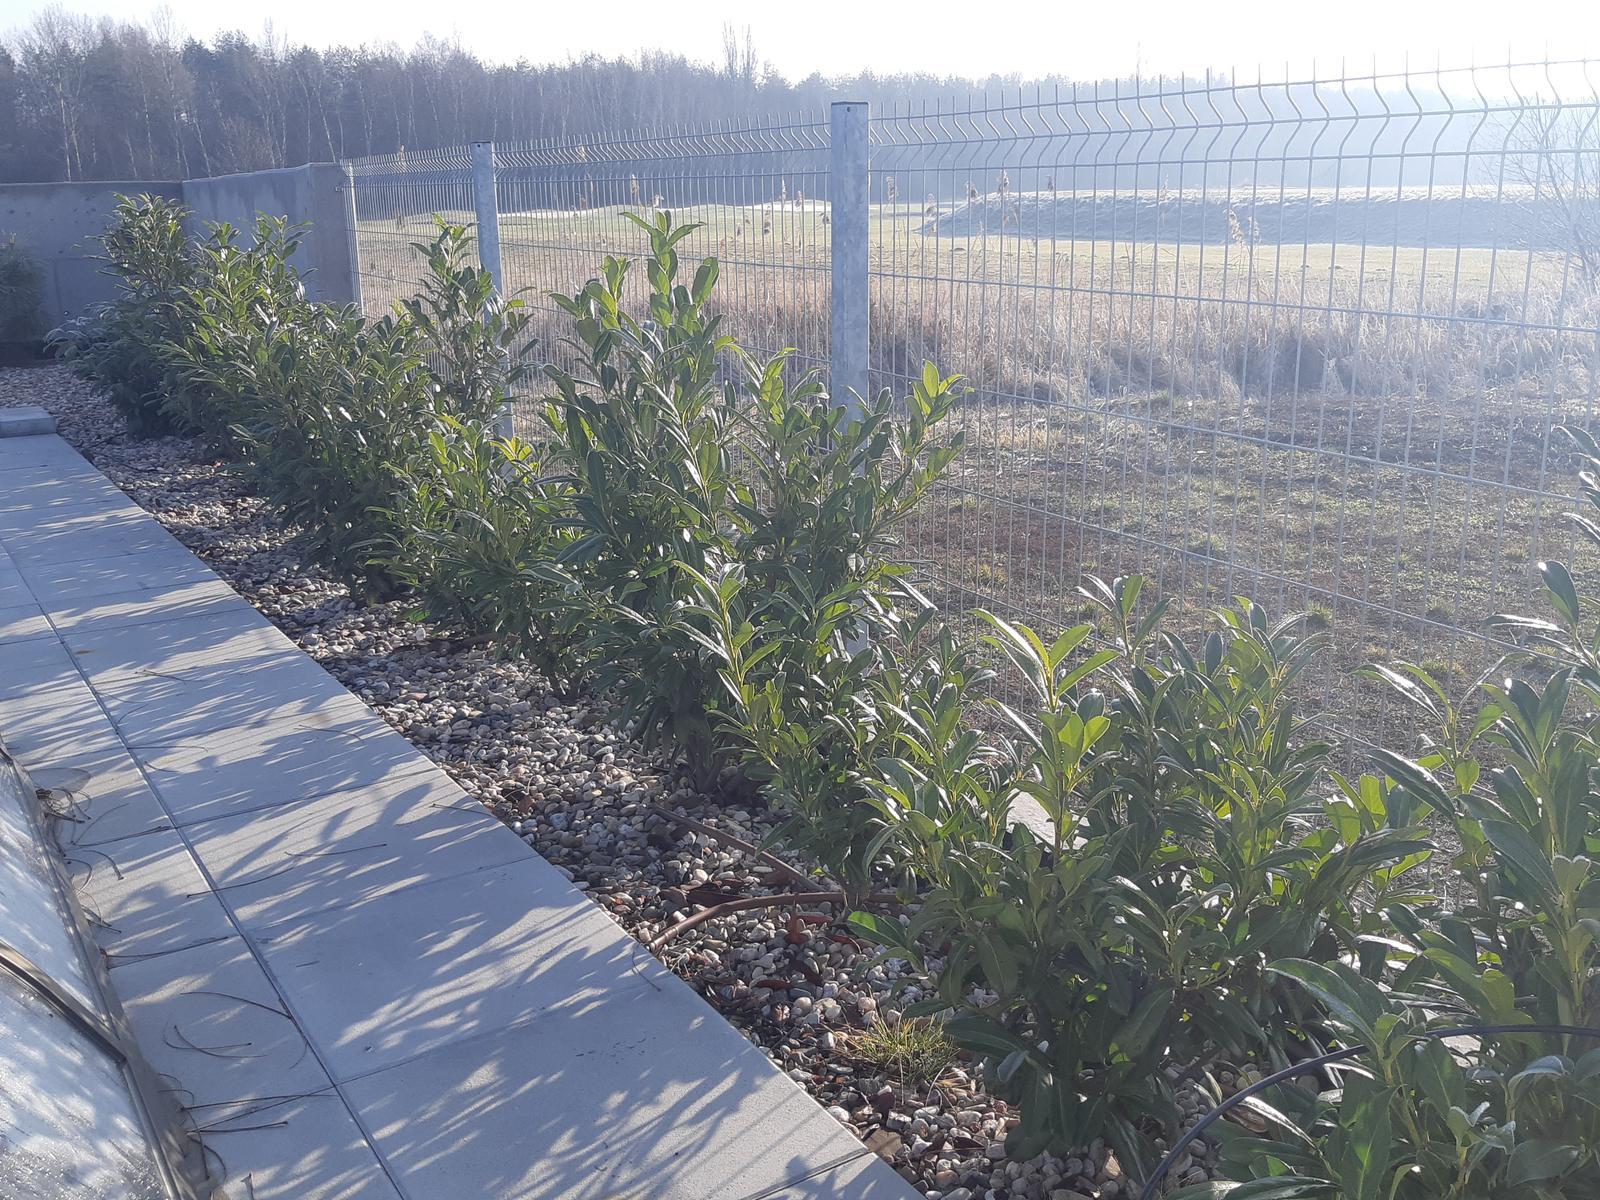 Záhrada - nekonečný príbeh - Vavrinovec - Caucasica. Celkom pekne rastie. Len musim zistit, kedy ho mam teraz na jar strihat, aby co najviac zahustol.